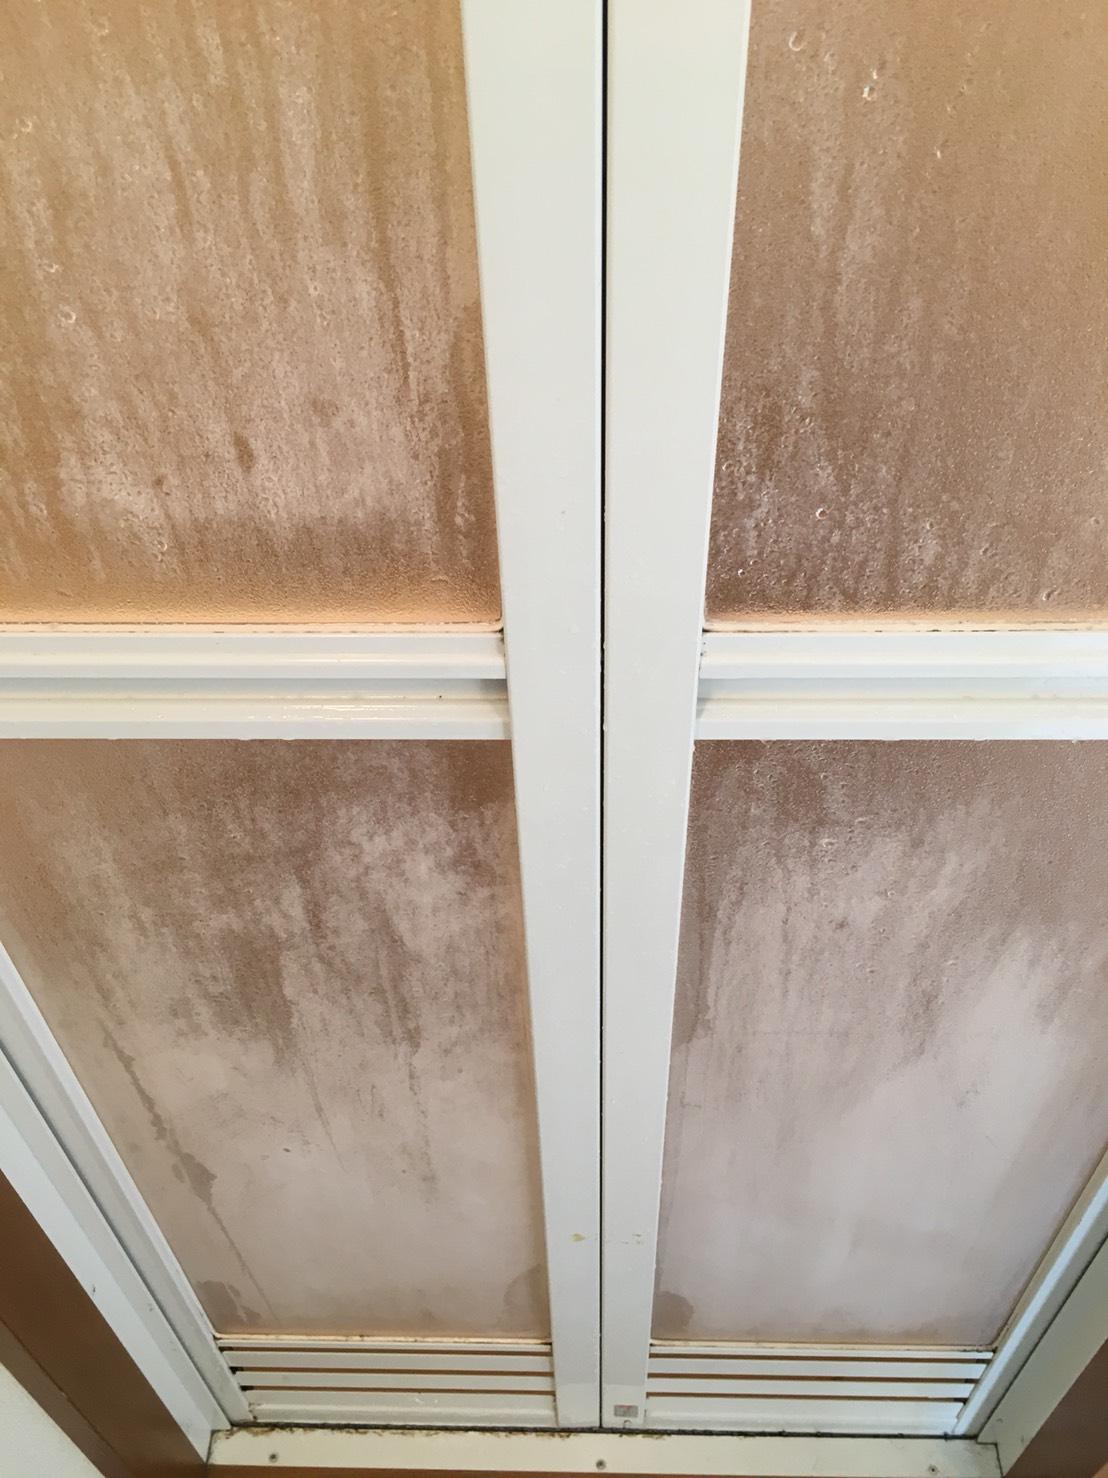 浴室の扉の汚れの除去!Before/Afterで比較してみませんか?伊丹市おそうじプラスにお任せ下さい!